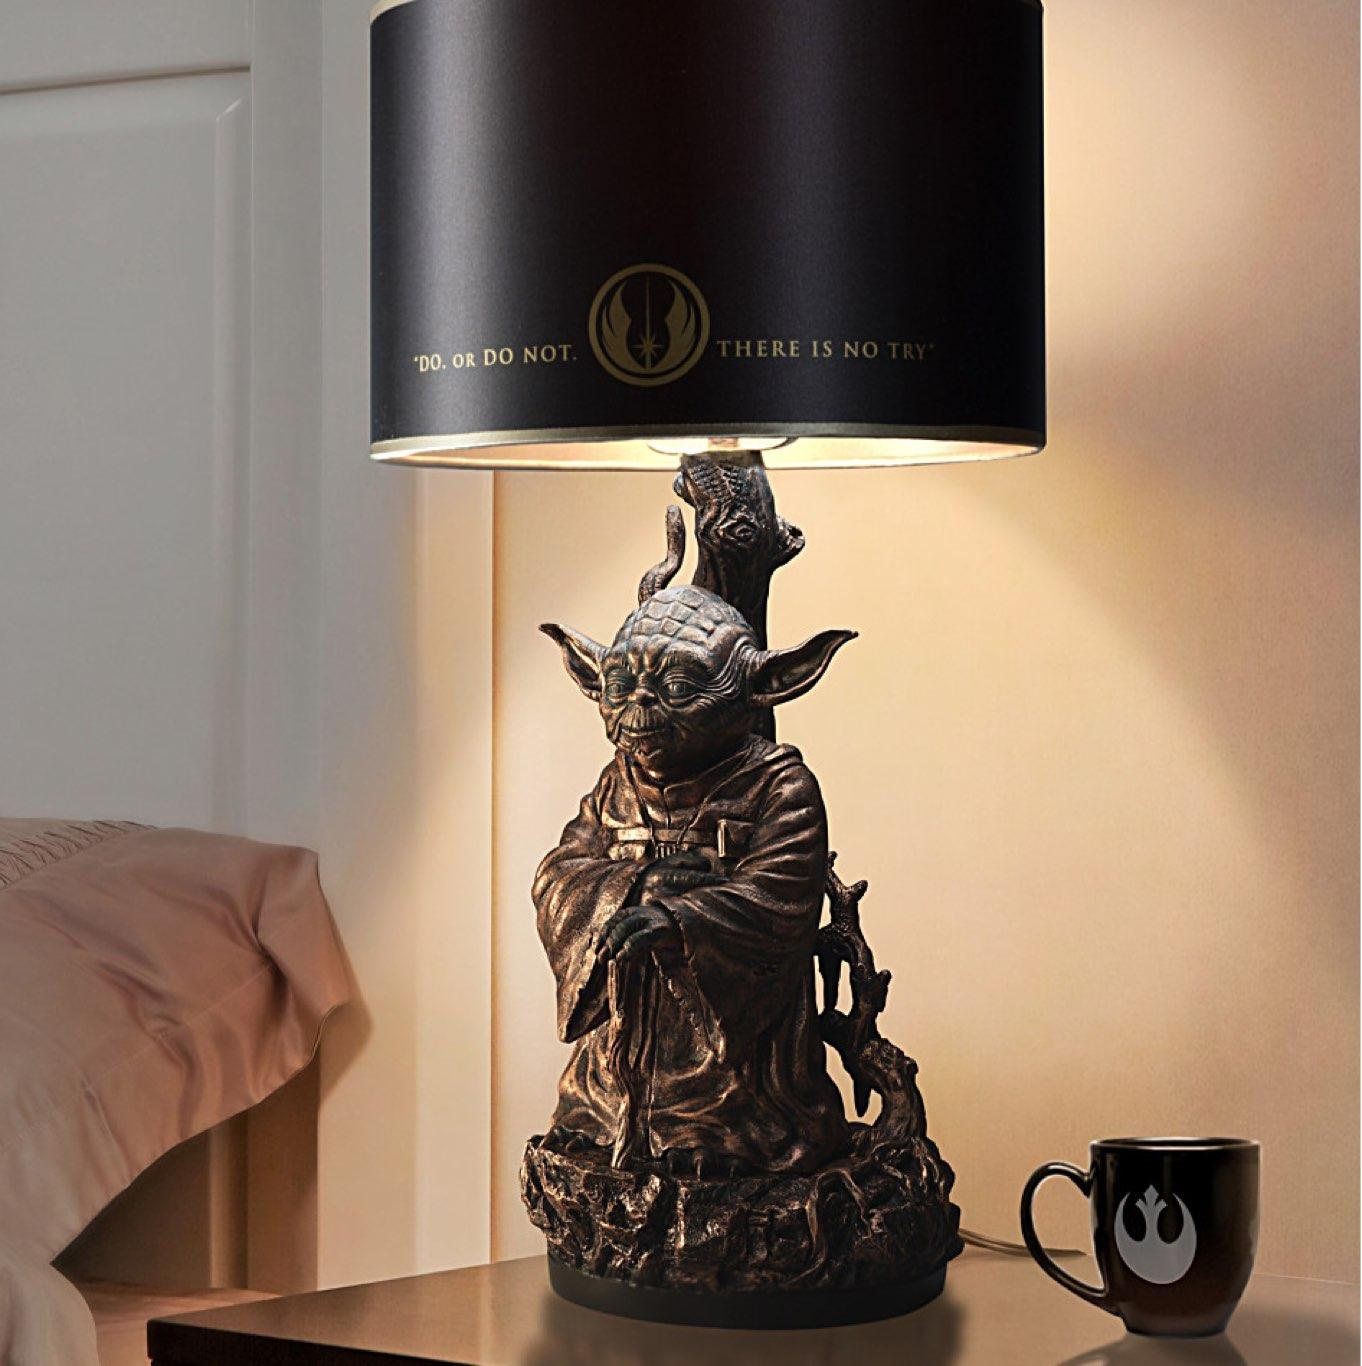 Bronza Yoda Lamp